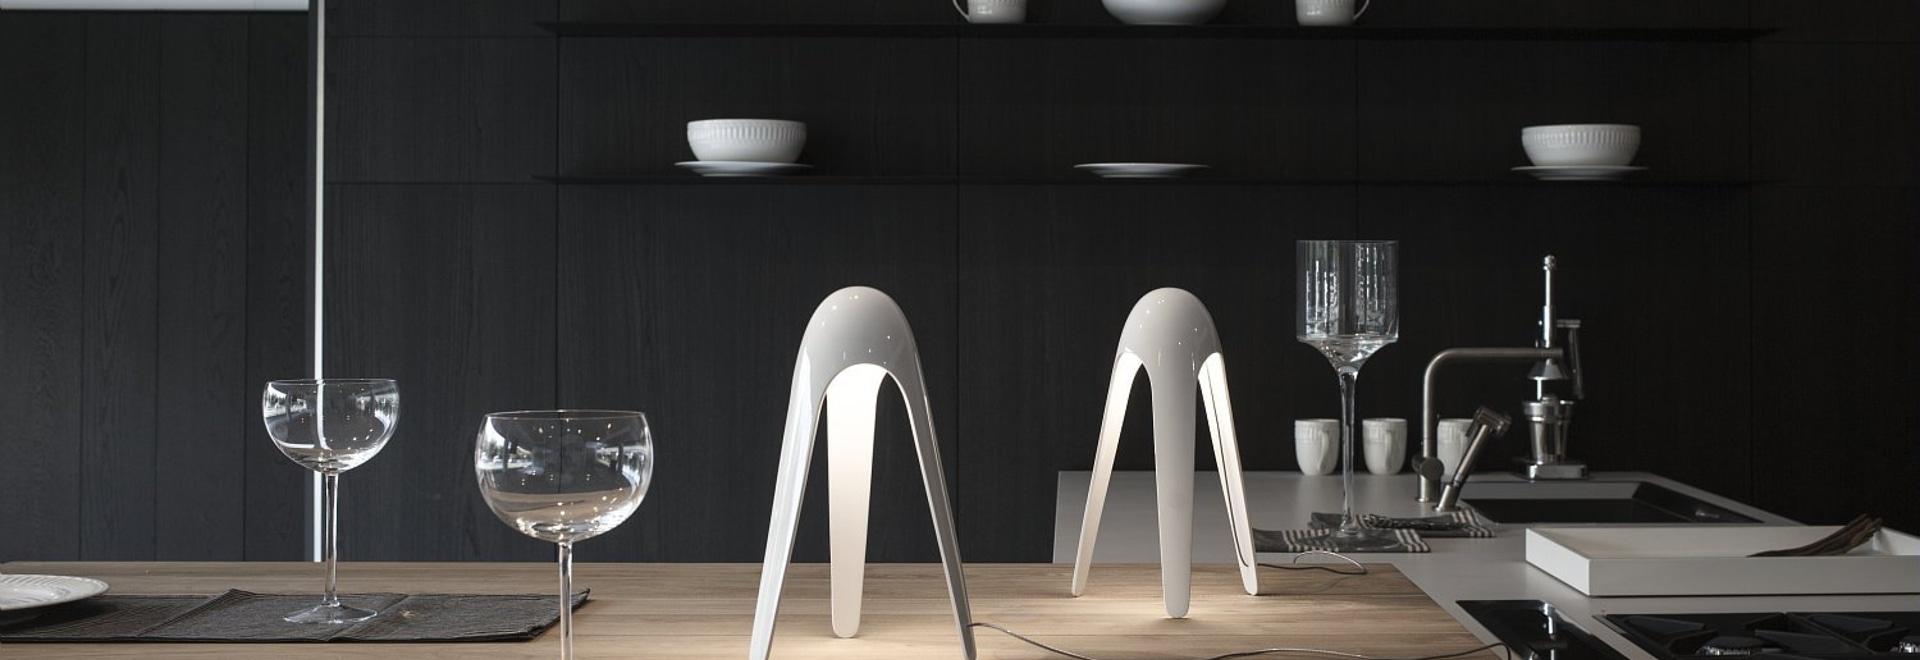 Martinelli Luce zum ersten Mal an Designjunctions-_London